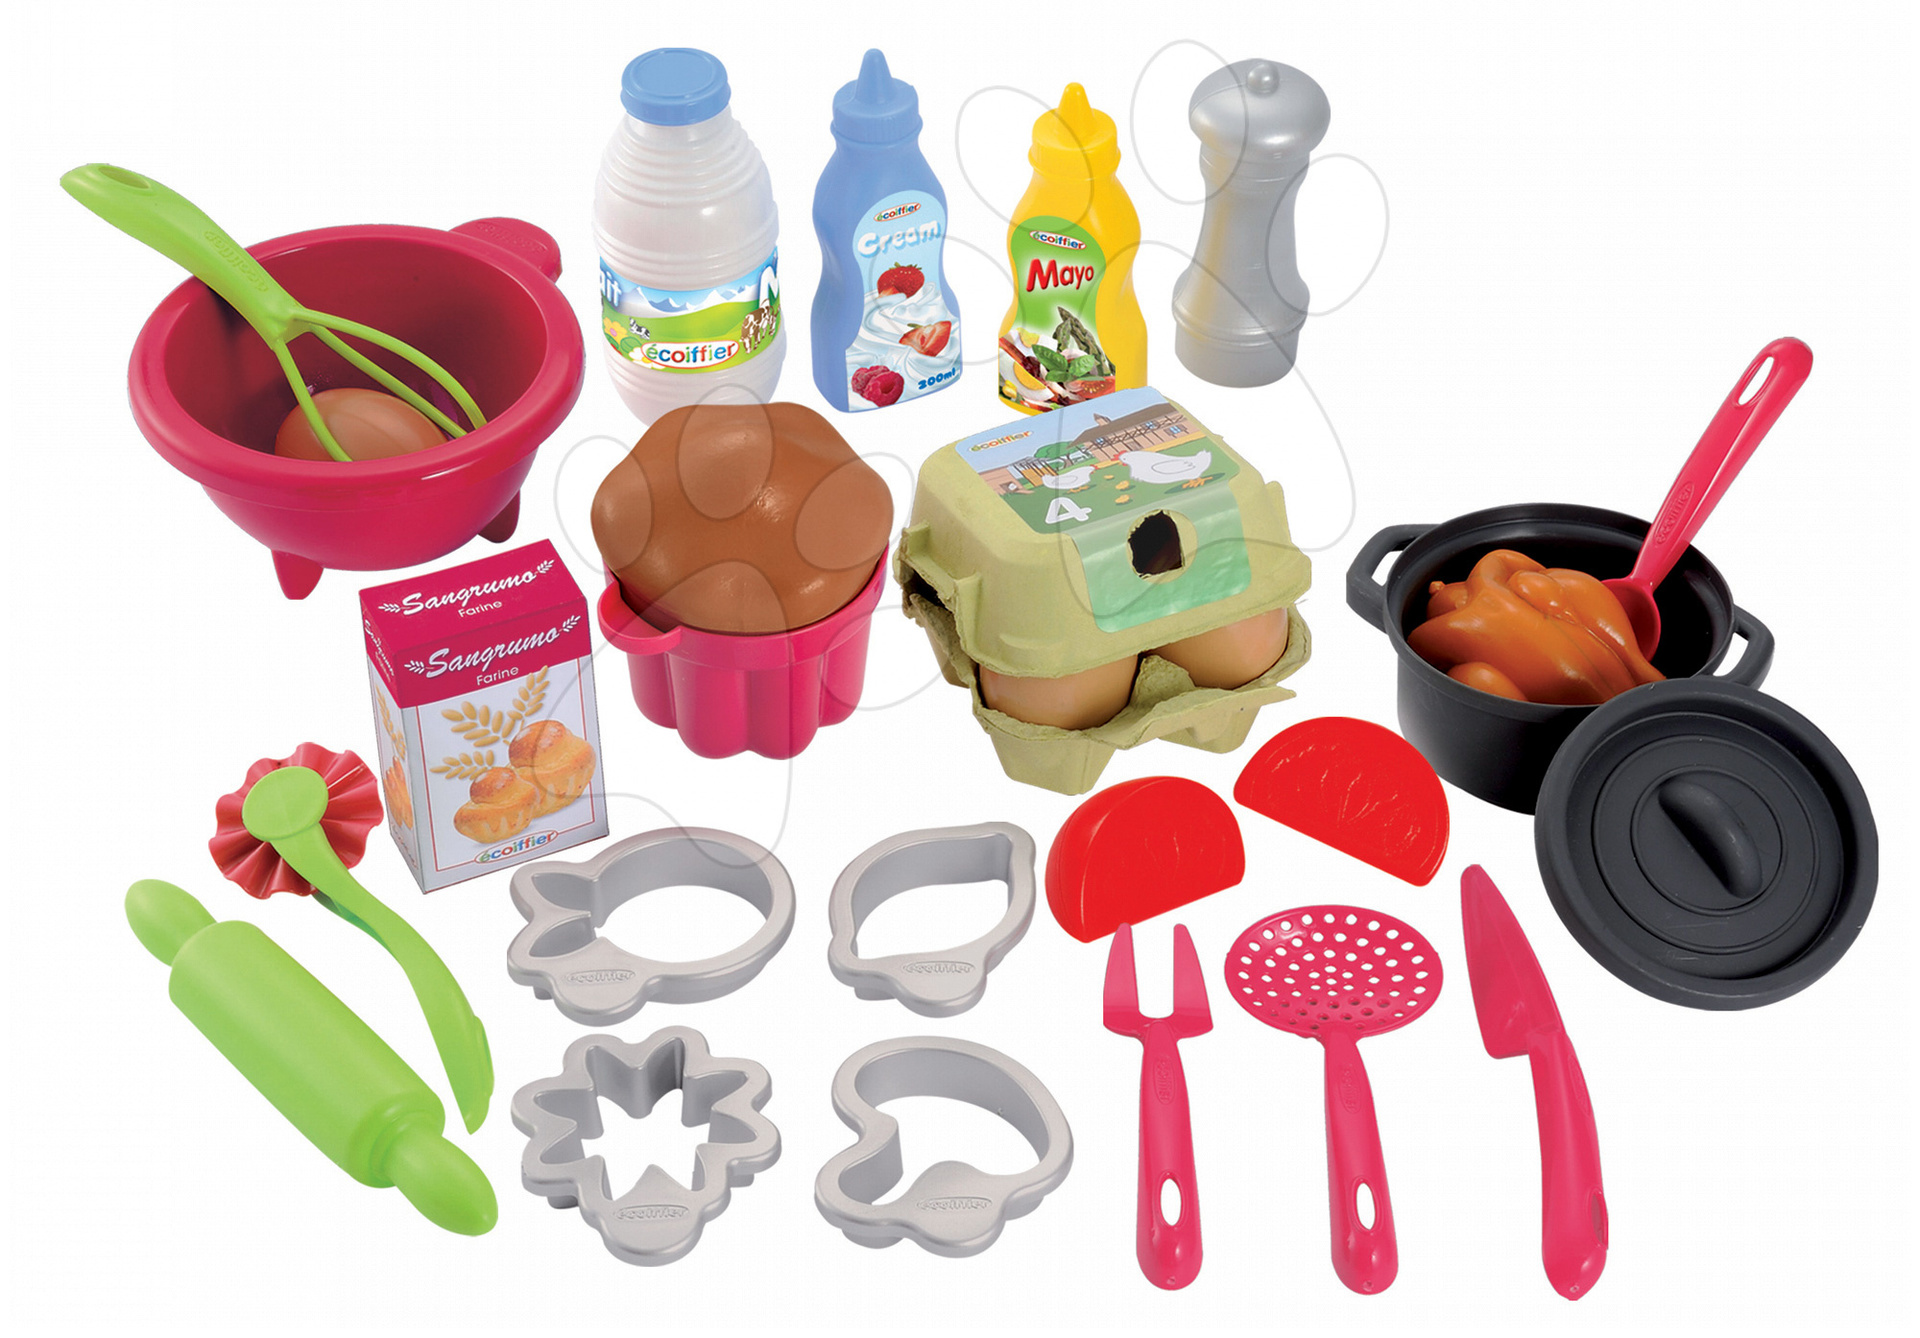 Nádobí a doplňky do kuchyňky - Kuchyňský set Pro Cook Écoiffier na vaření a pečení s 26 doplňky